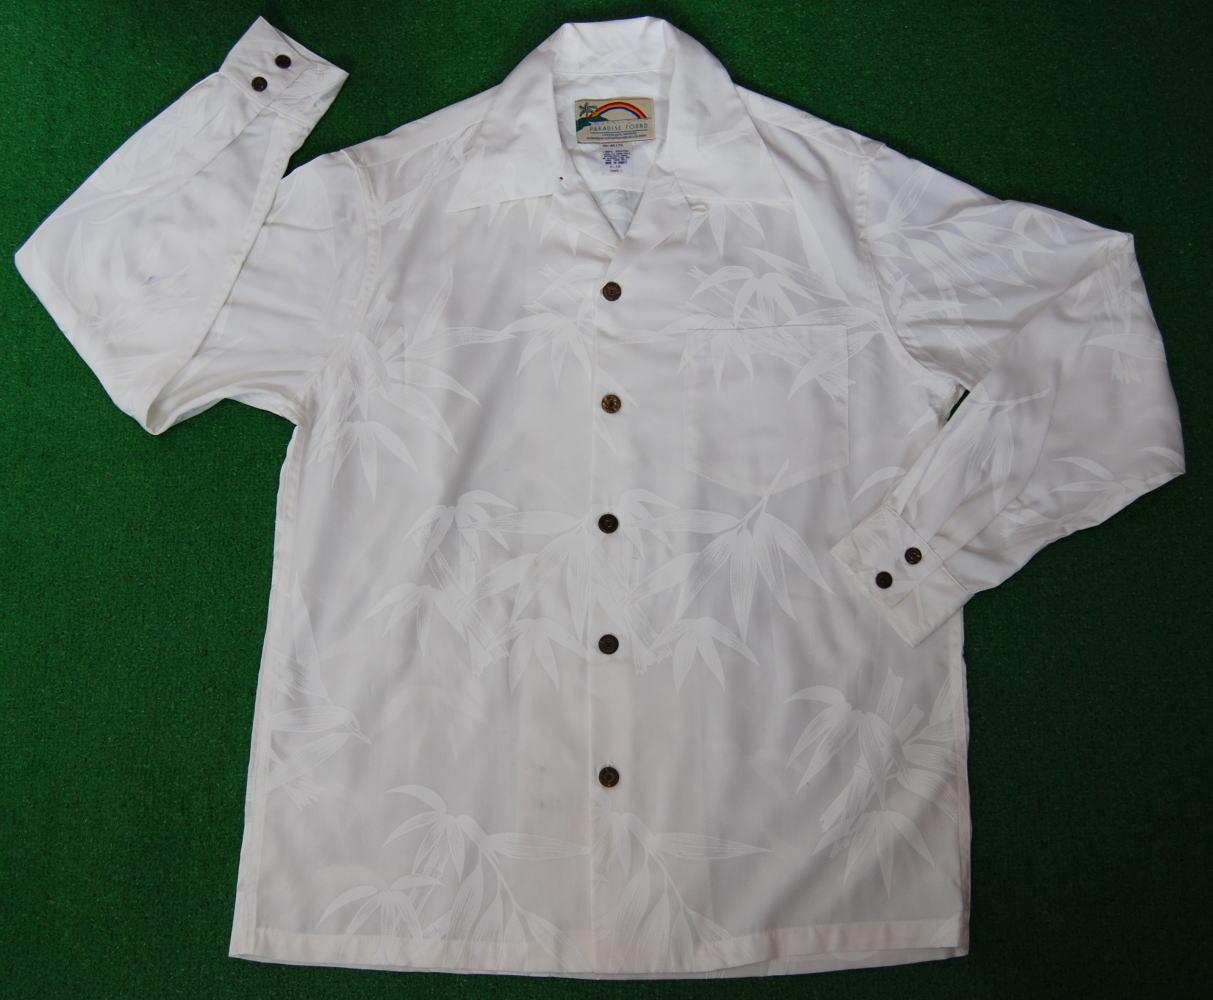 長袖アロハシャツ PARADISE FOUND(パラダイスファウンド) WHPF006L ホワイト(結婚式用にもOKの純白) 葉柄(竹・笹・バンブー) 和柄 レーヨン100% 開襟(オープンカラー) 送料無料商品